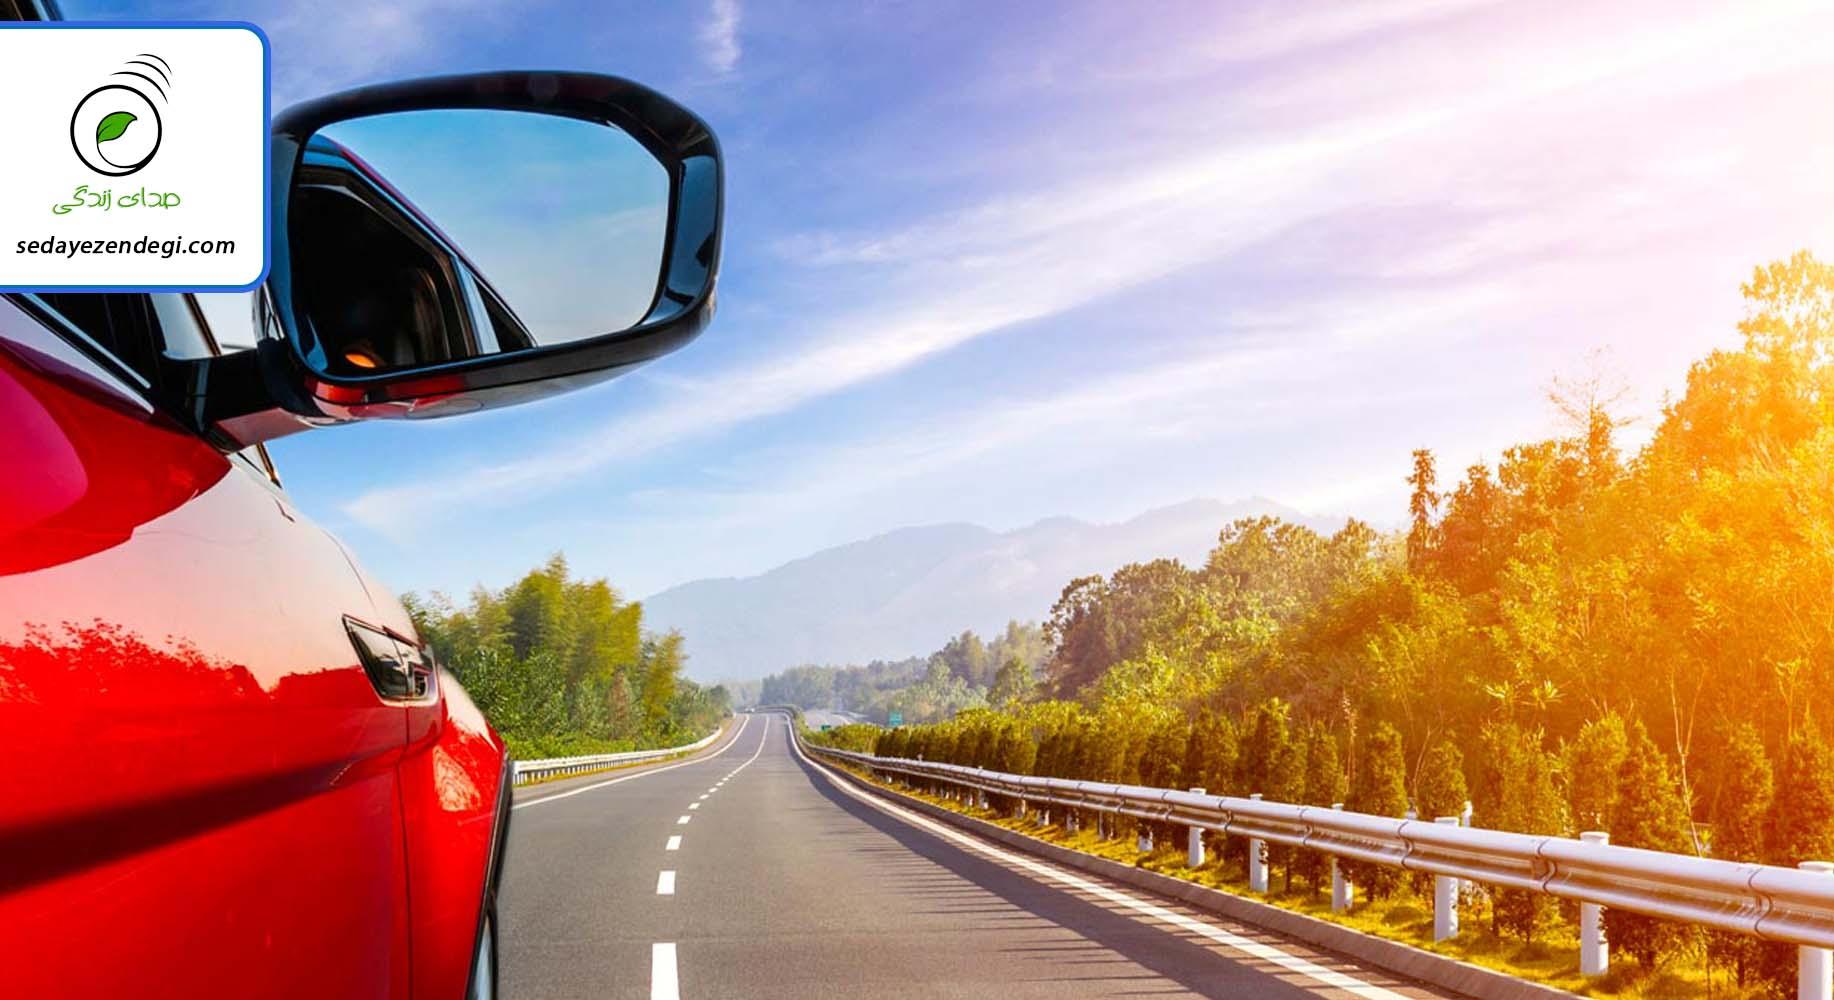 وقتی مغزتان در خودرو تصور میکند مسموم شدهاید!